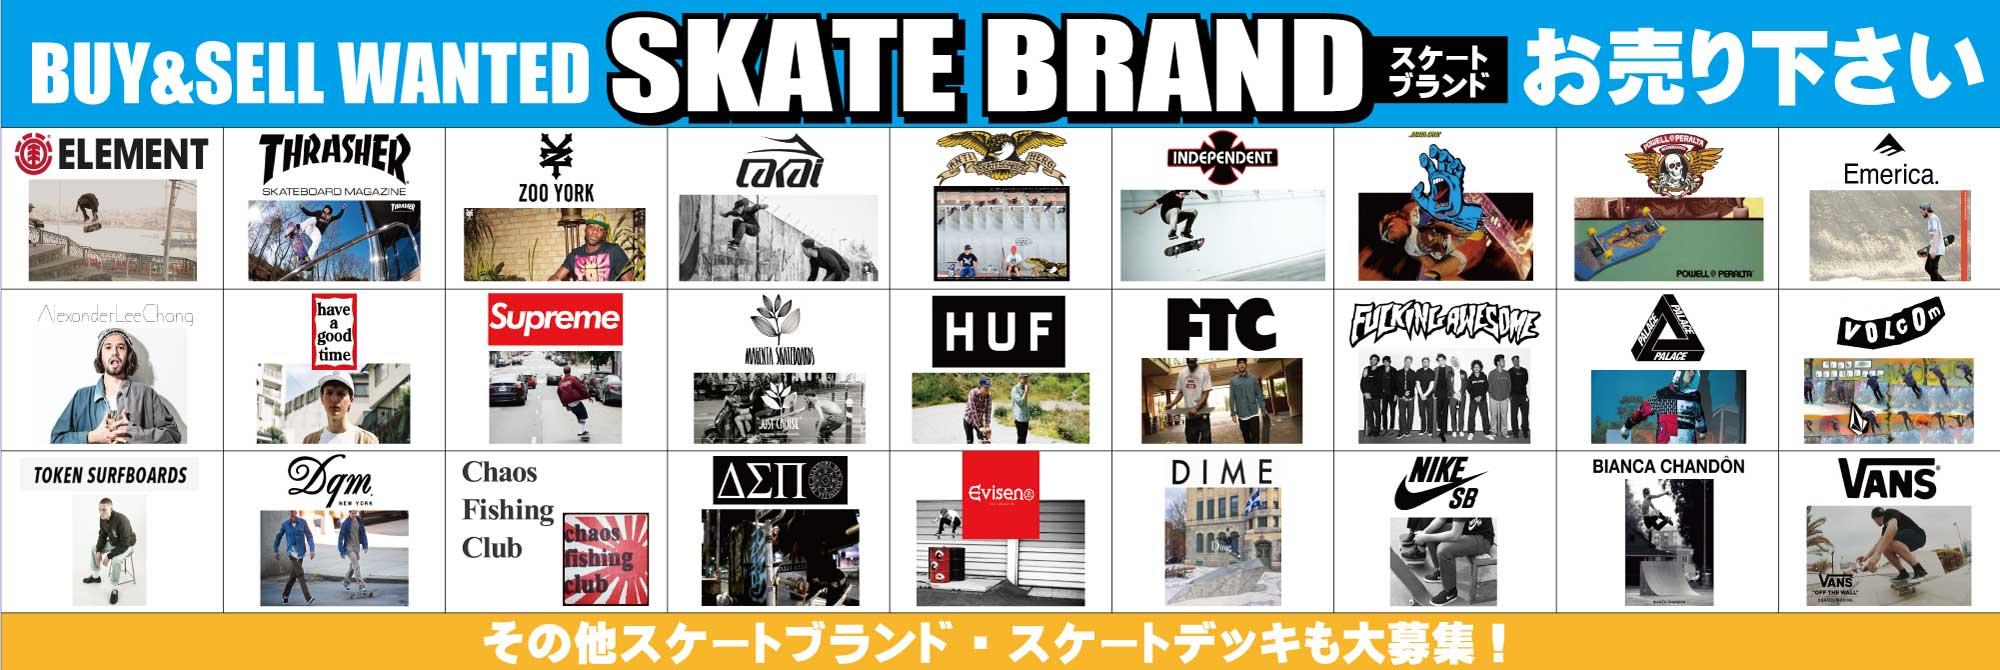 「開放倉庫山城店」古着館<スケートブランドお売りください>ELEMENT、THRASHER、ZOO YORK、rakai、ANTI HERO、INDEPENDENT、SANTA CRUZ 、POWELL PERALTA、Emerica.、etcその他スケートブランド・スケートデッキも大募集!